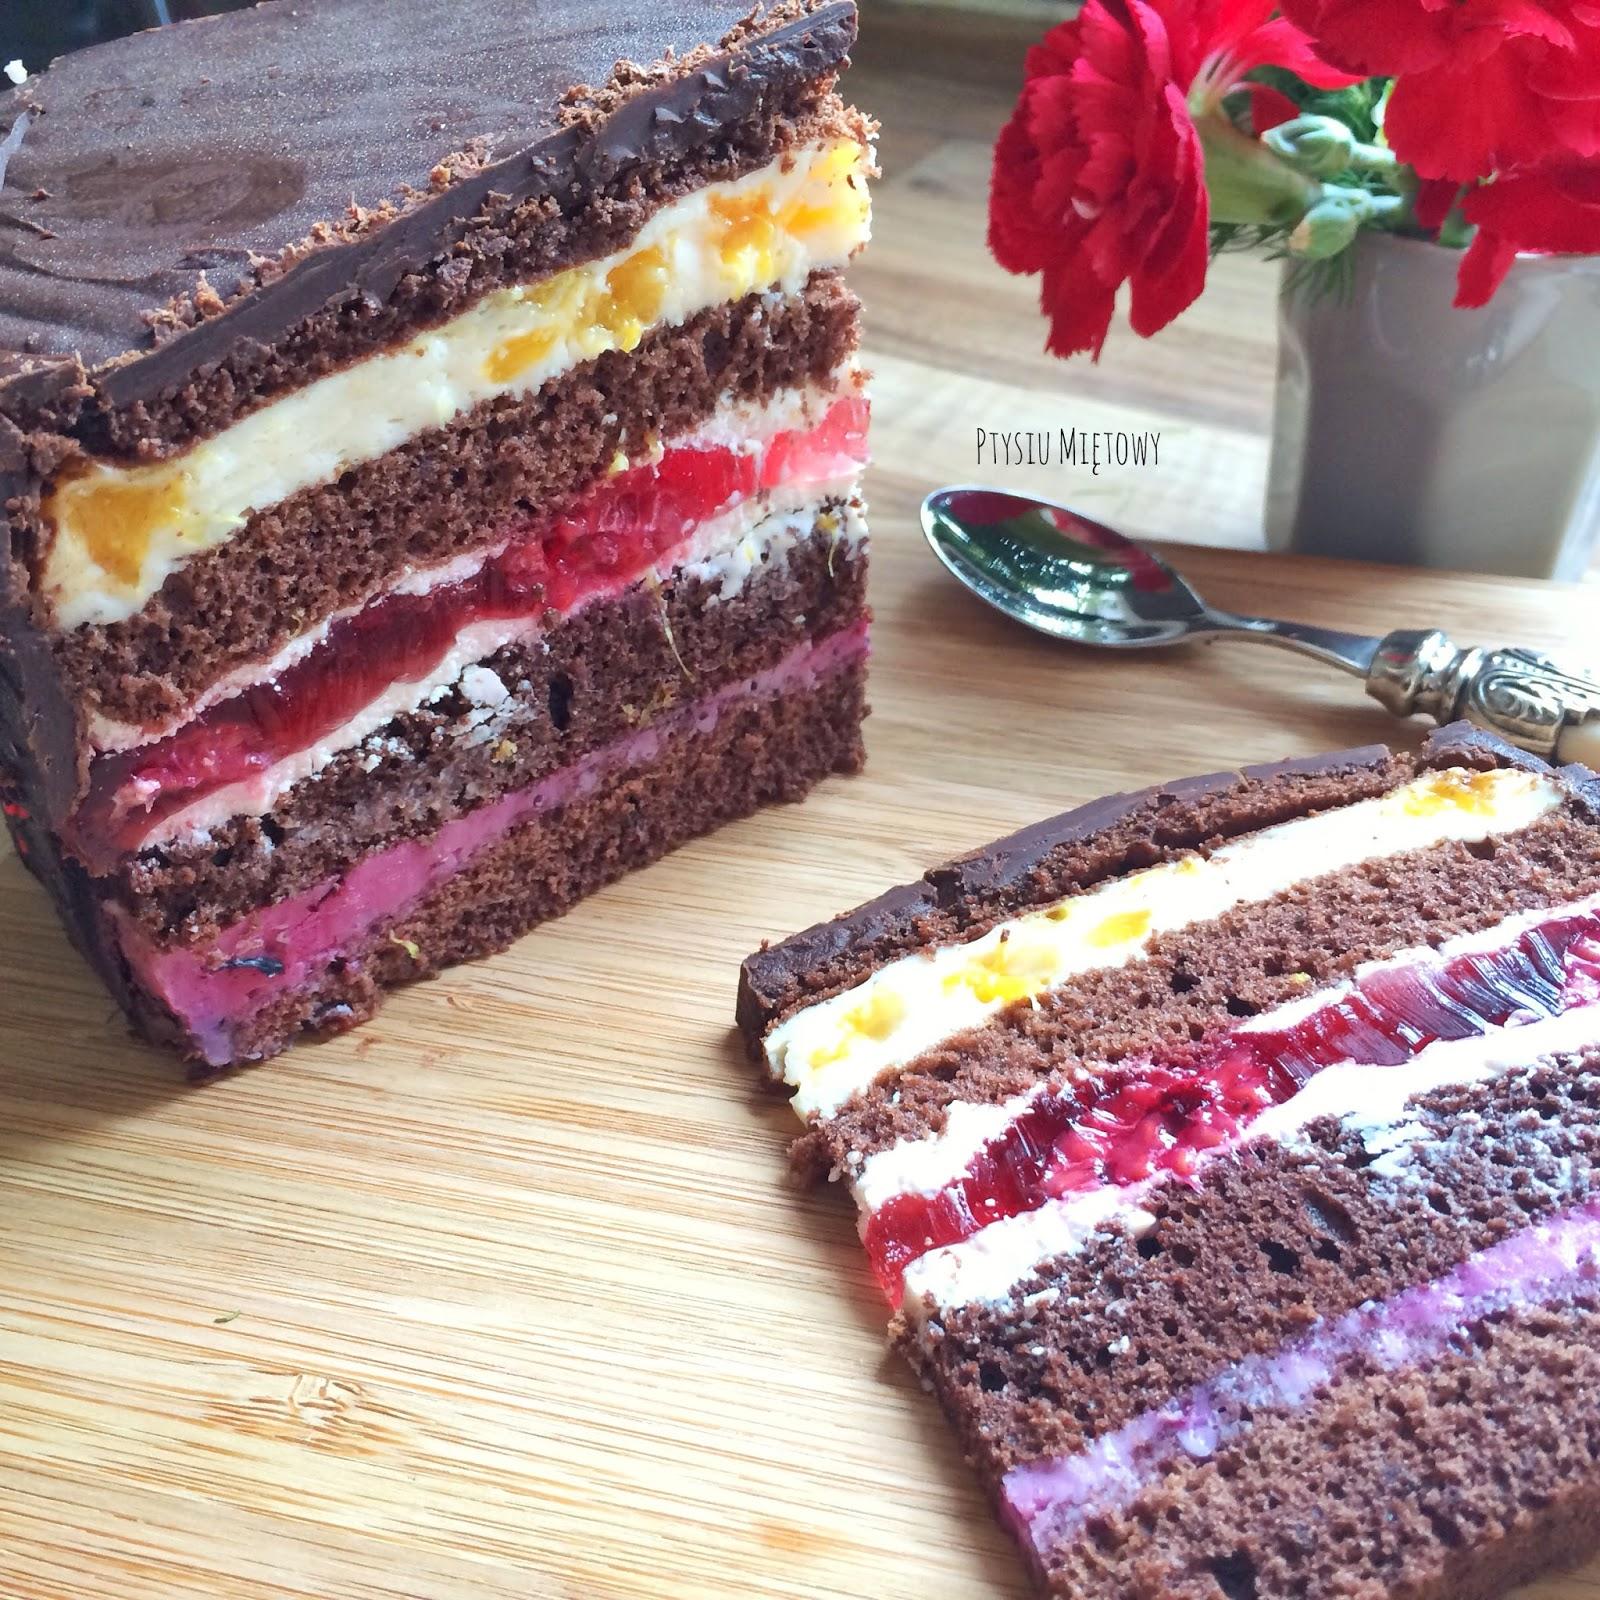 urodzinowy tort kakaowy, ptysiu mietowy